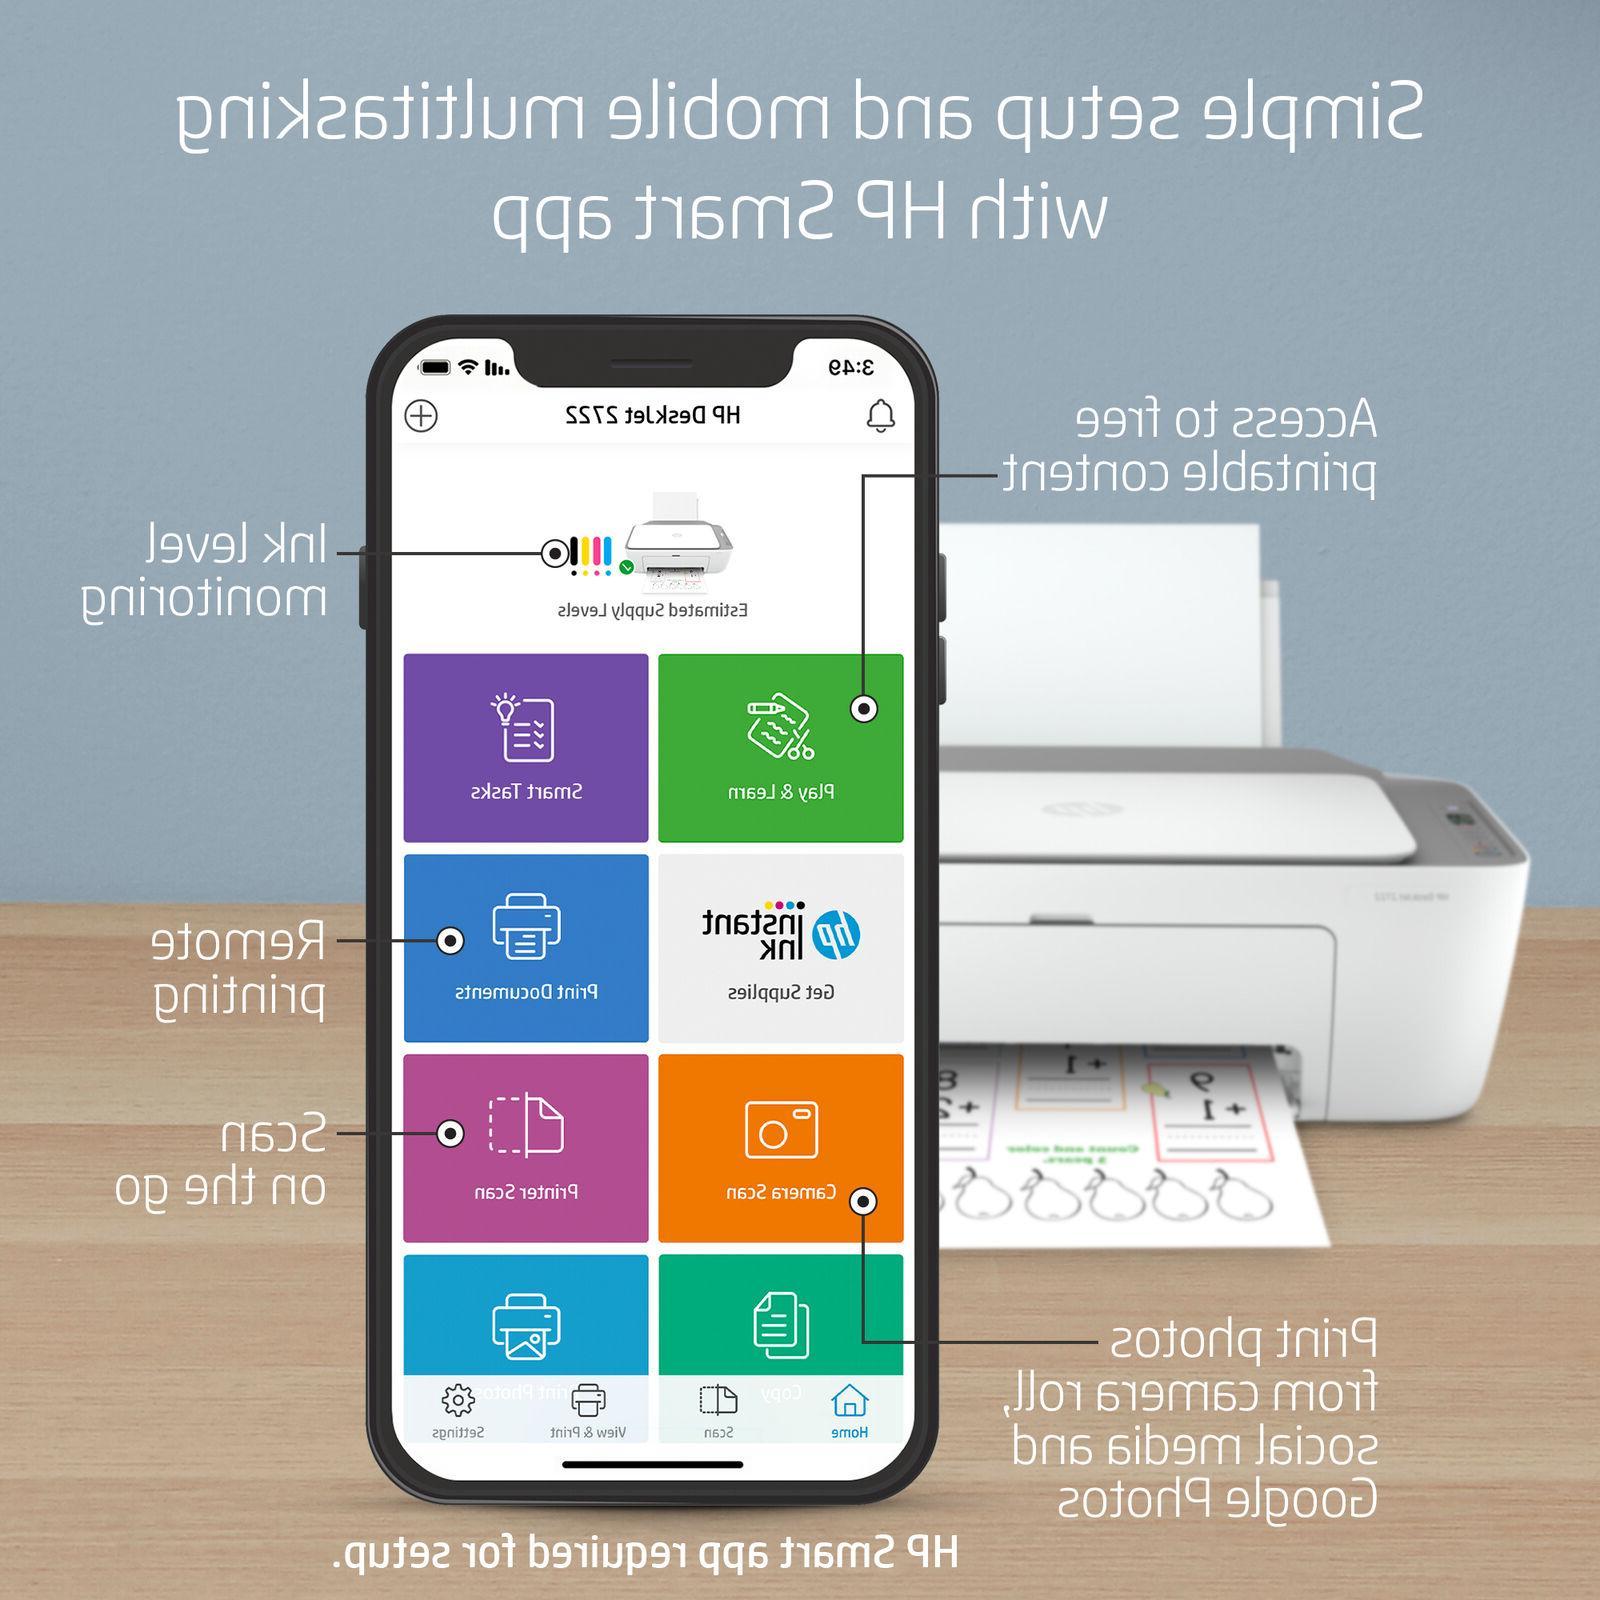 NEW DeskJet All-in-One Wireless Inkjet Printer Ready